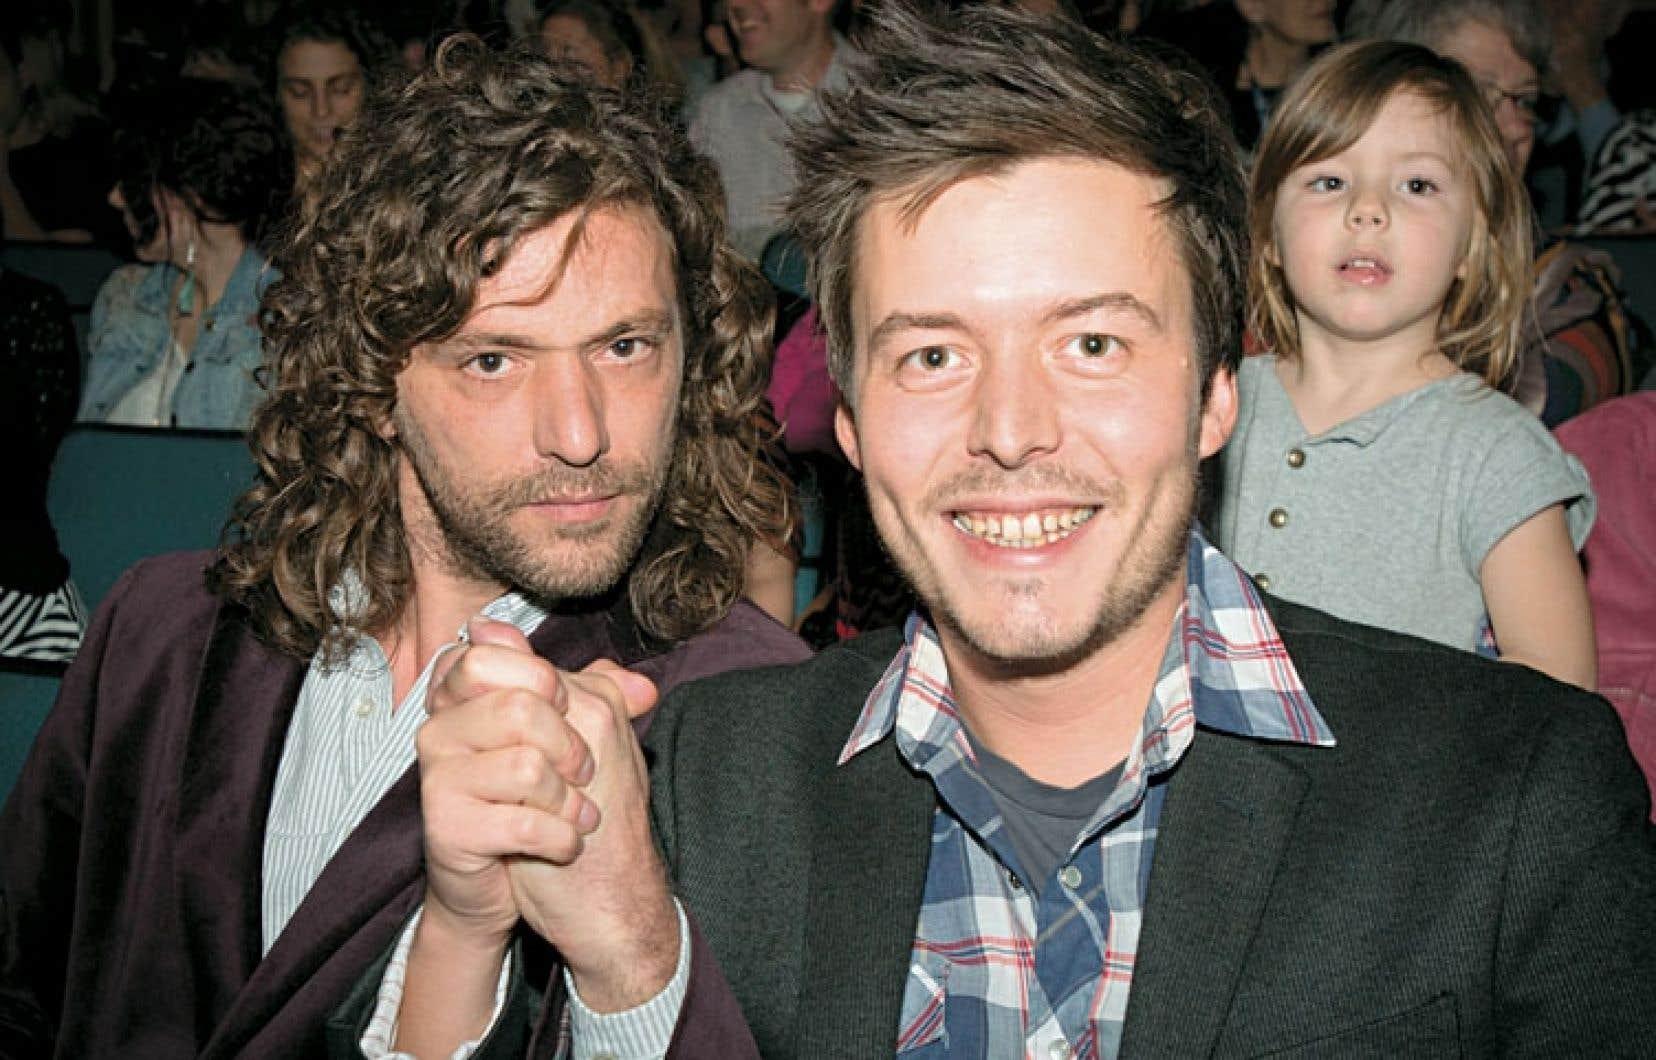 Tous deux basés à Rouyn-Noranda, dont ils sont originaires, le comédien Alexandre Castonguay (à gauche) et le réalisateur Dominic Leclerc se connaissent de longue date.